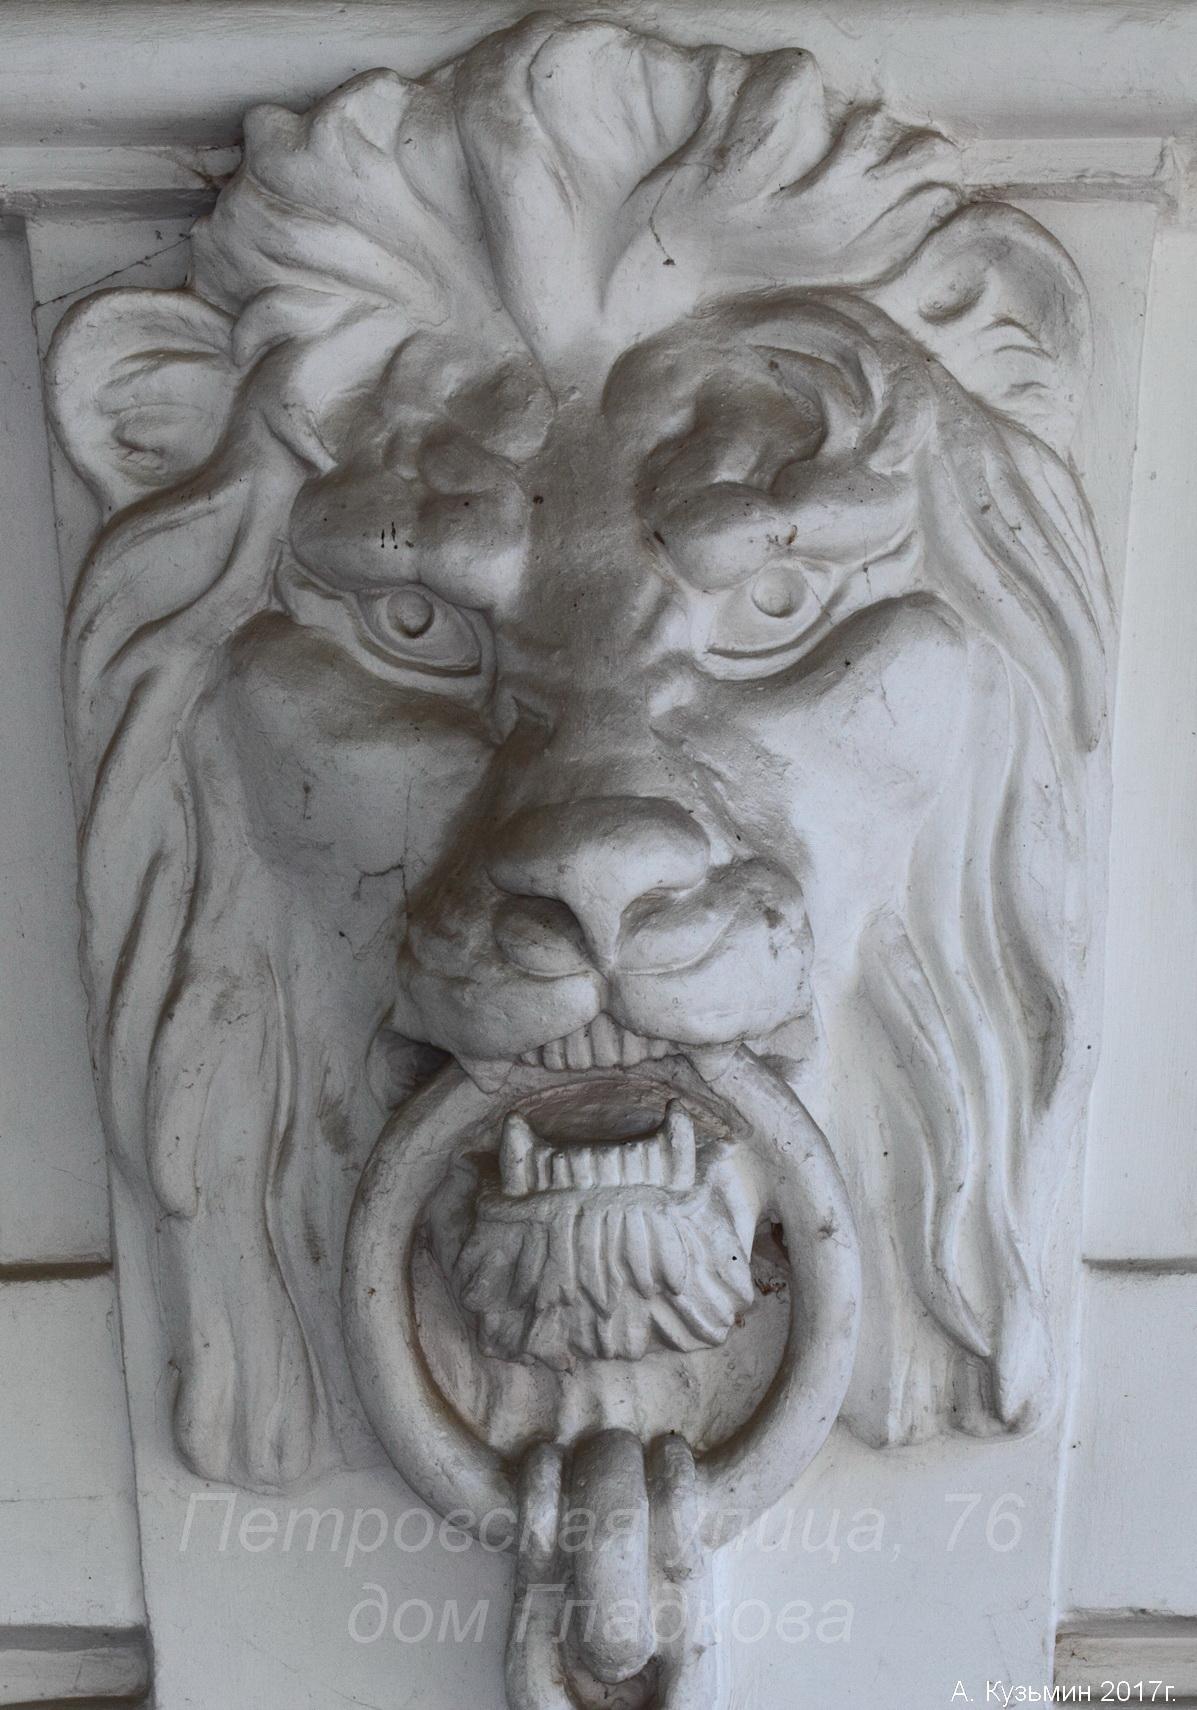 Маскарон в виде головы льва